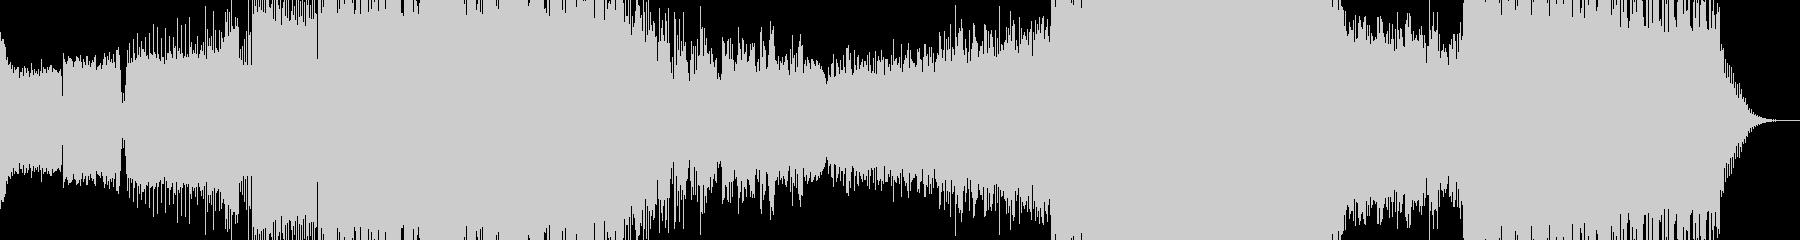 シンプルな展開のUpliftingの未再生の波形